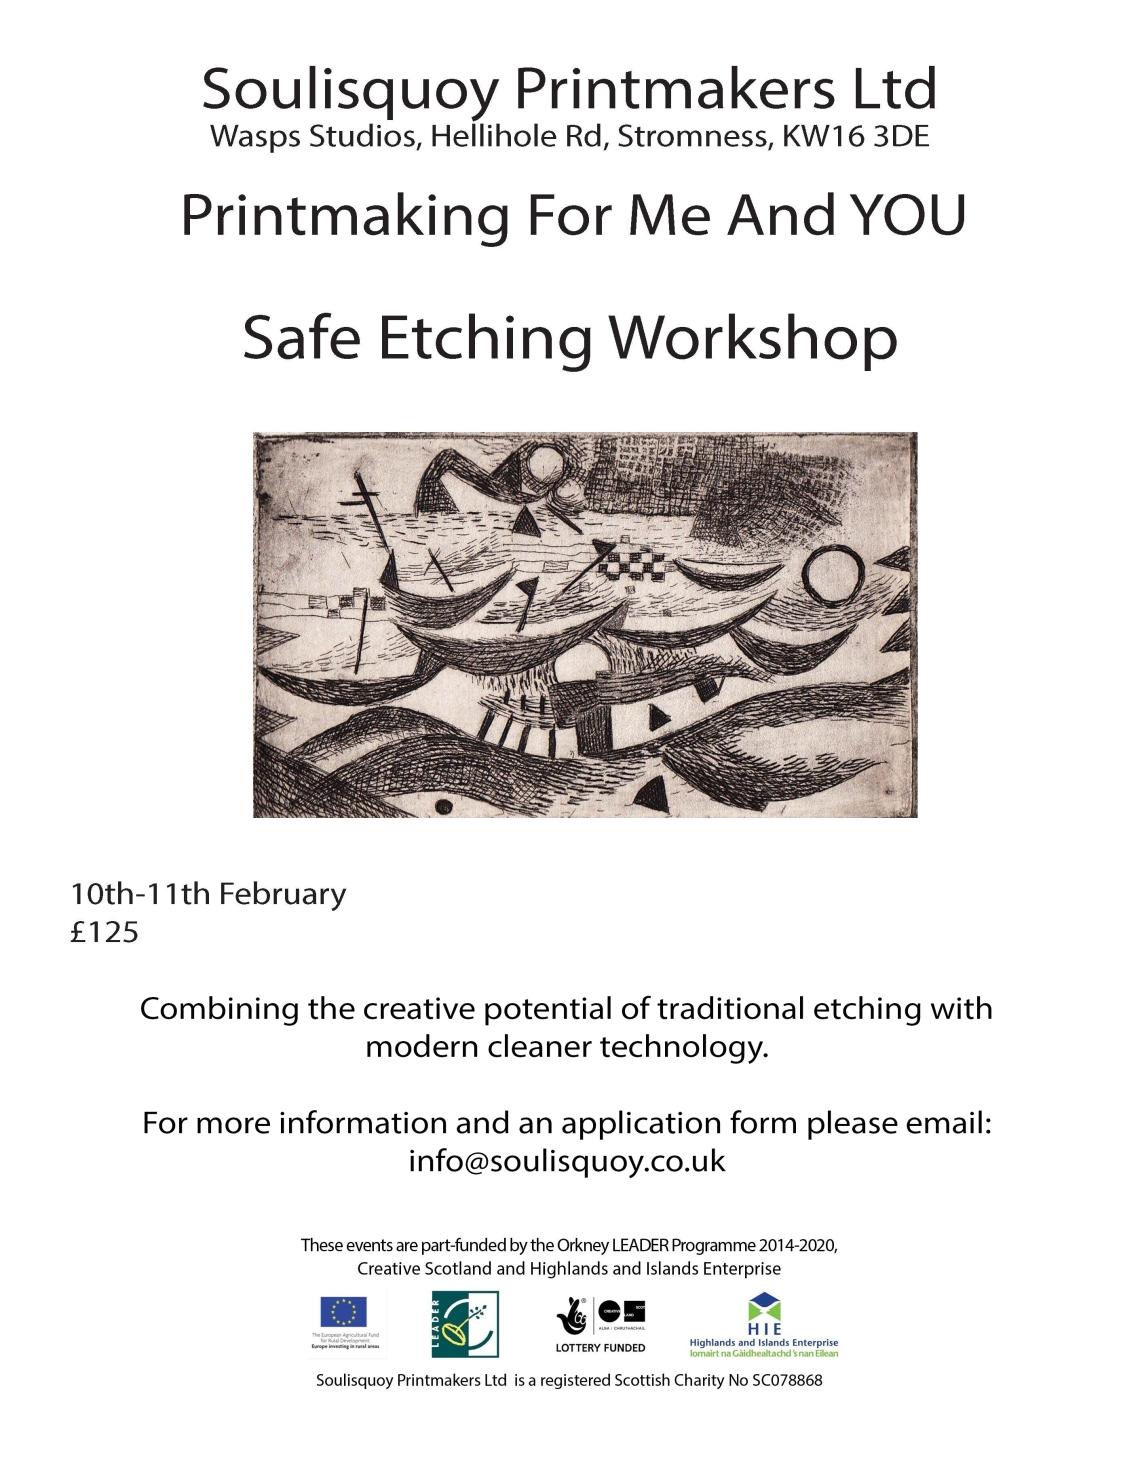 Safe Etching Workshop